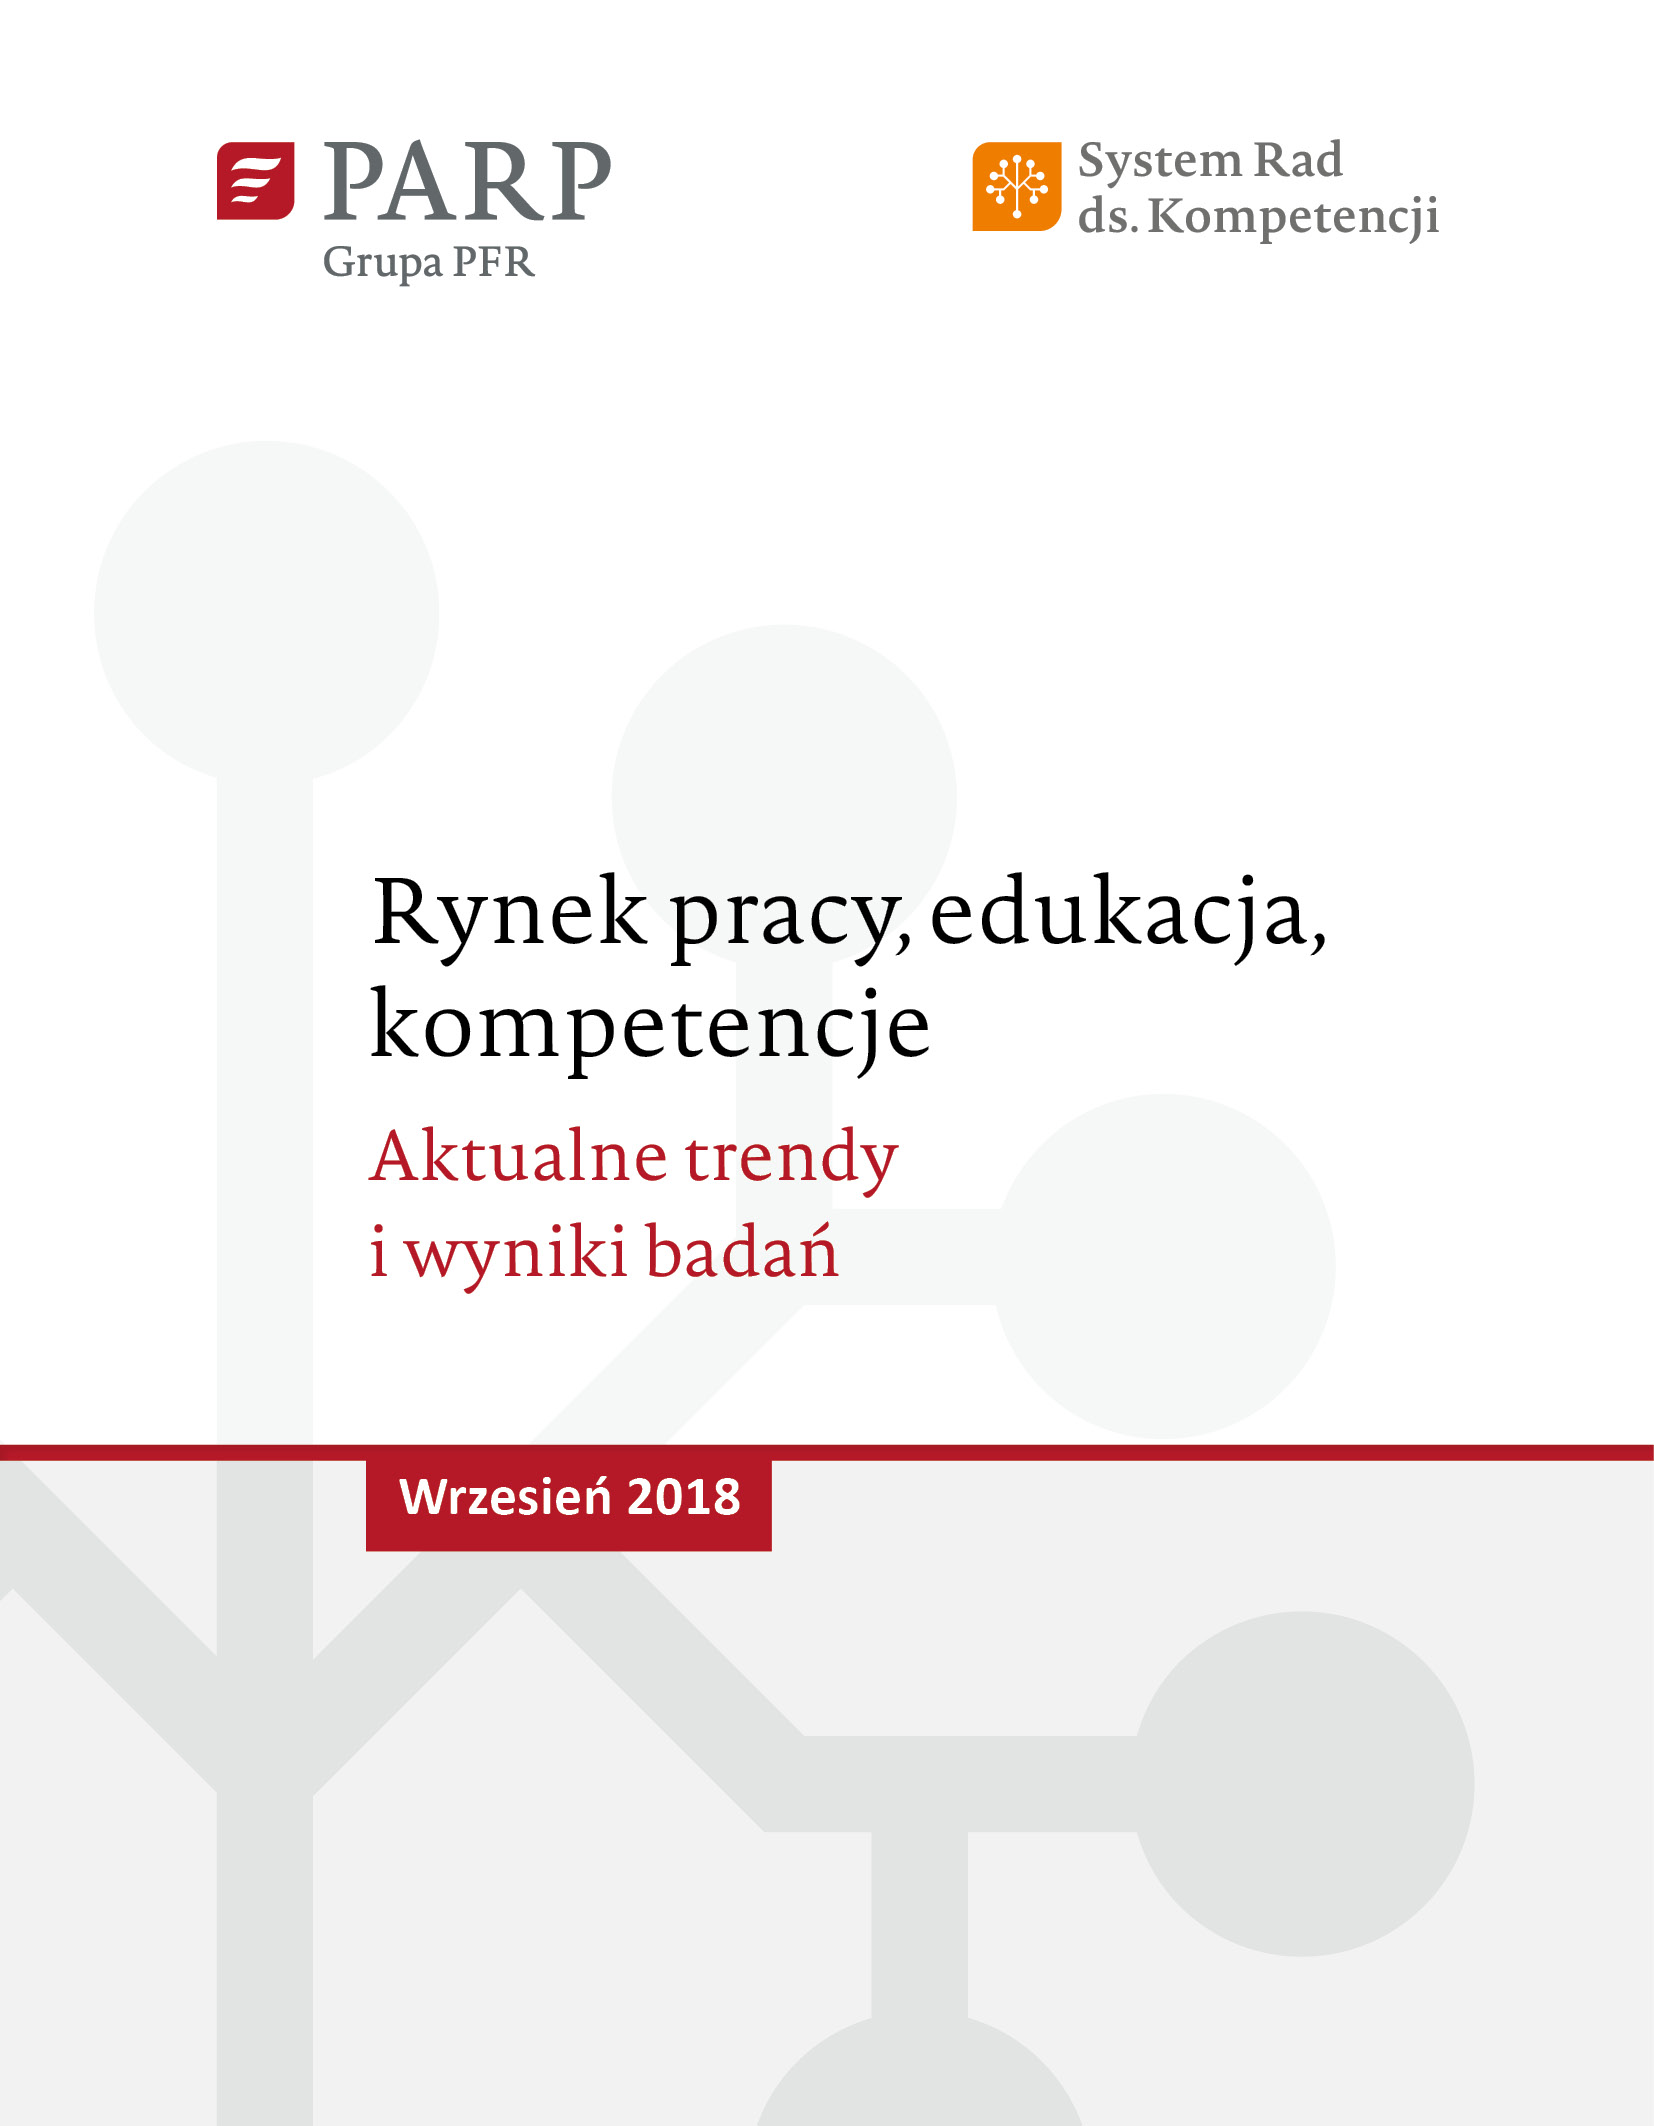 Rynek pracy, edukacja, kompetencje - wrzesień 2018